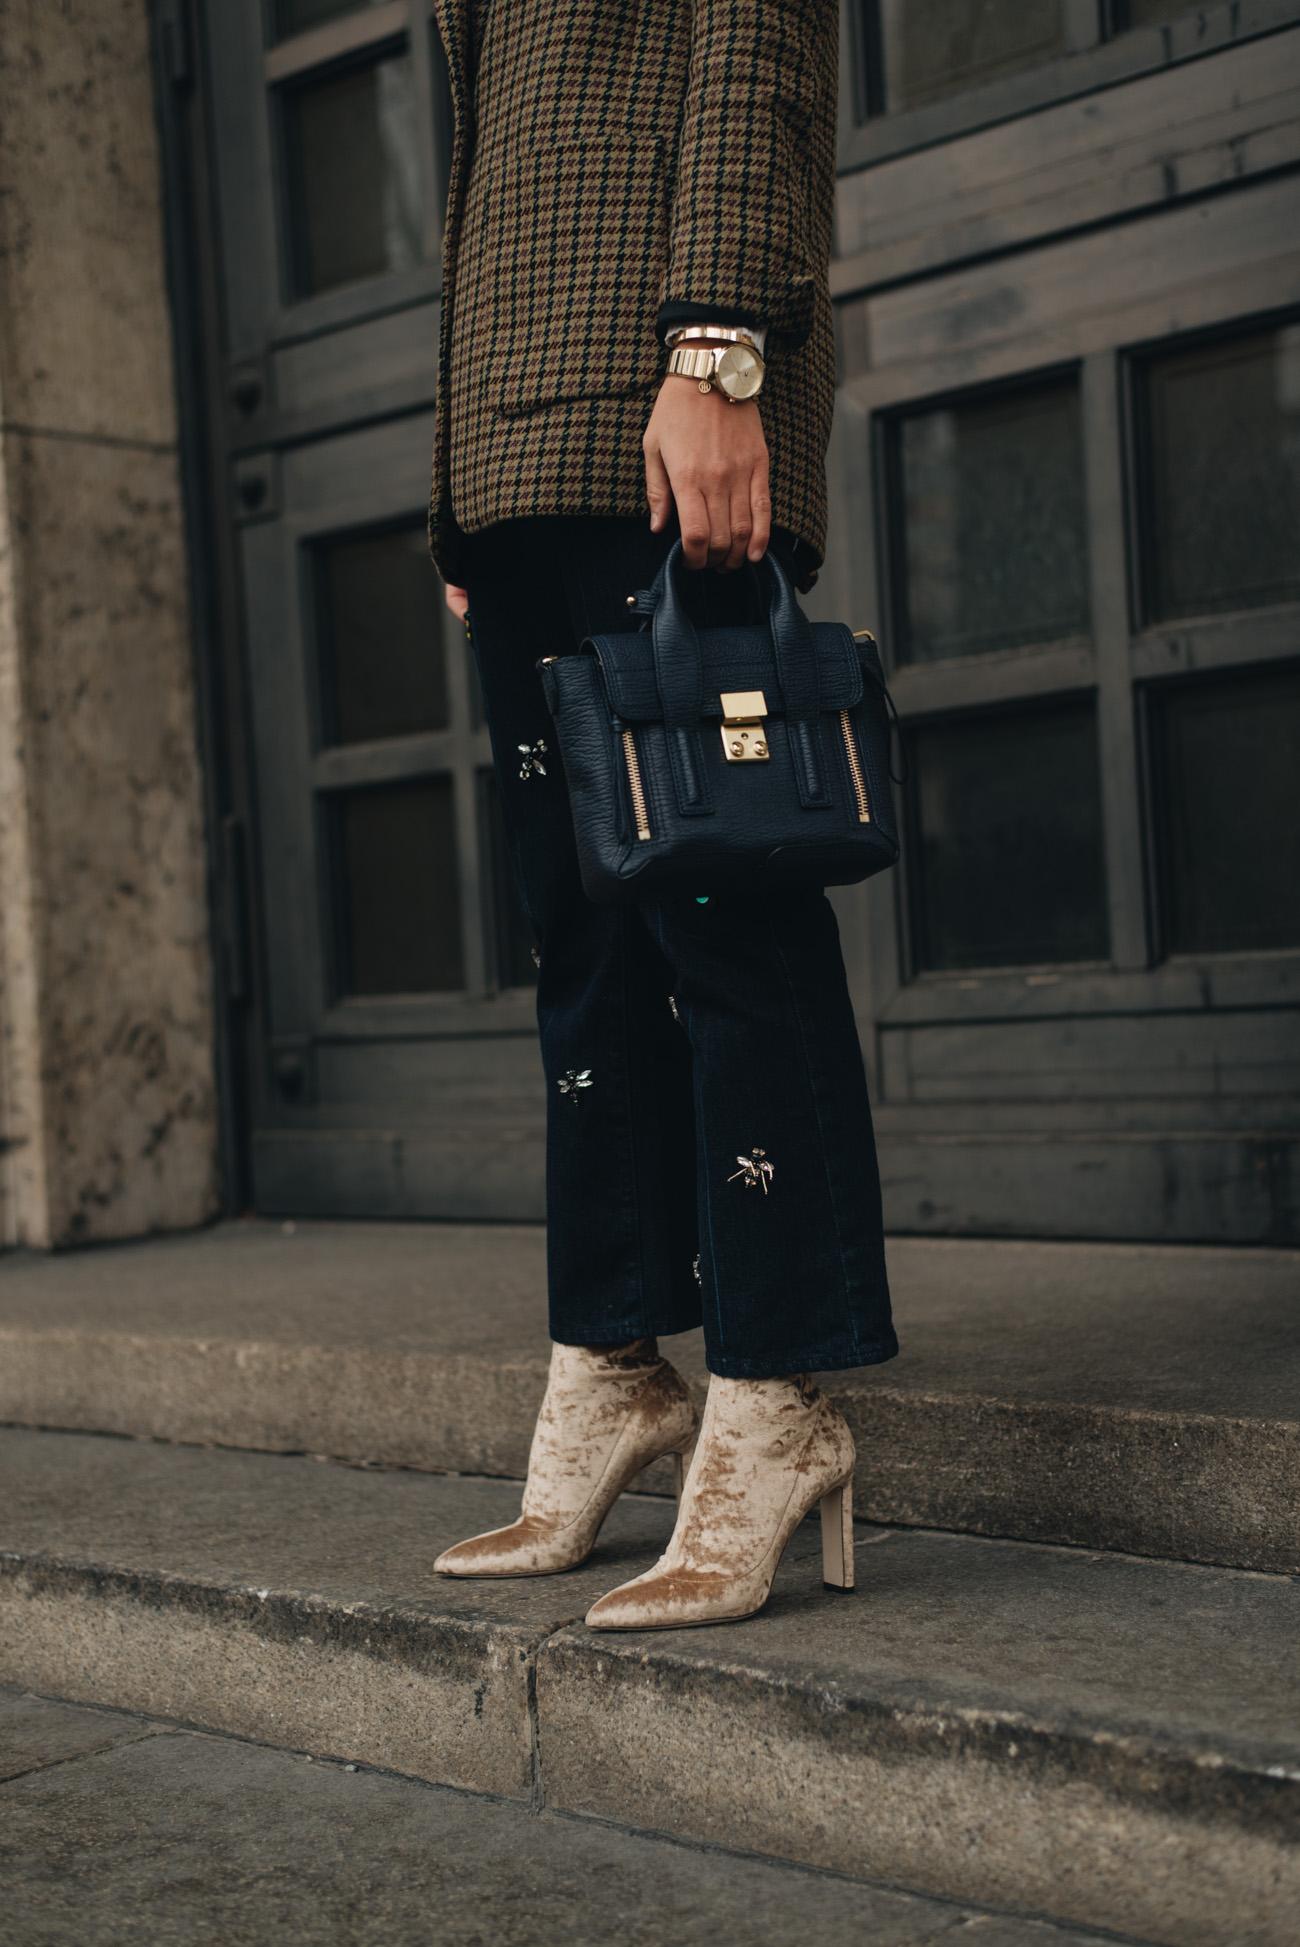 Nina-Schwichtenberg-mode-und-beauty-bloggerin-deutschland-münchen-fashiioncarpet-styling-tipps-cap-mützen